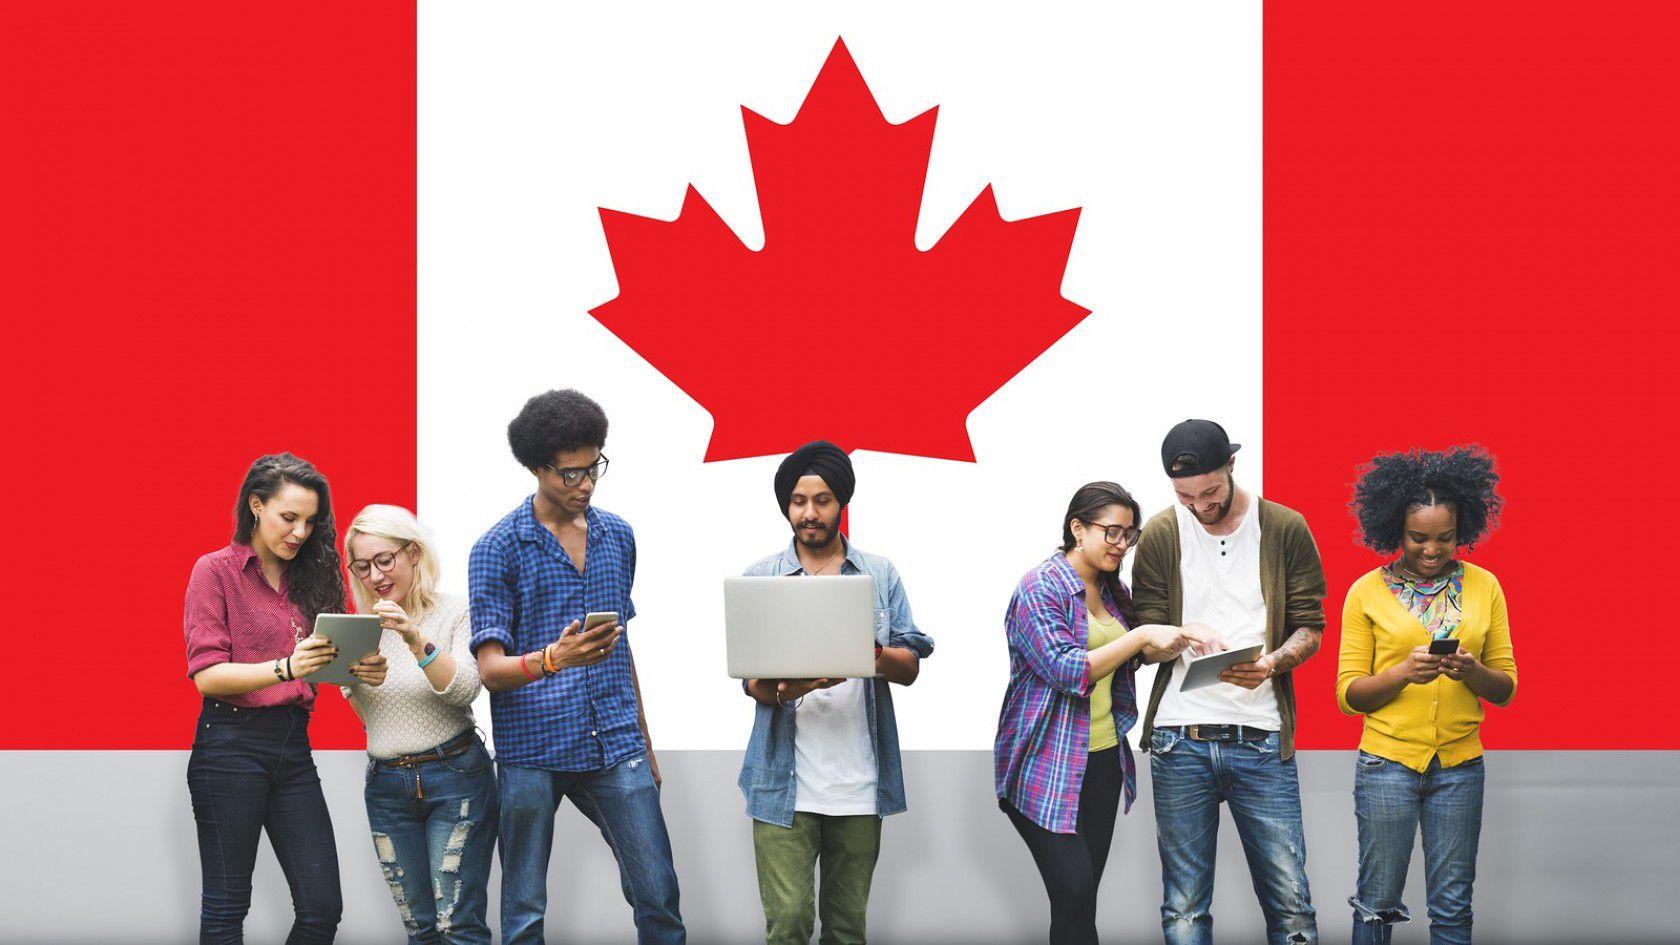 Kanada Lise Öğrenci Değişim Programlarında Lider Kuruluşlar Nelerdir?